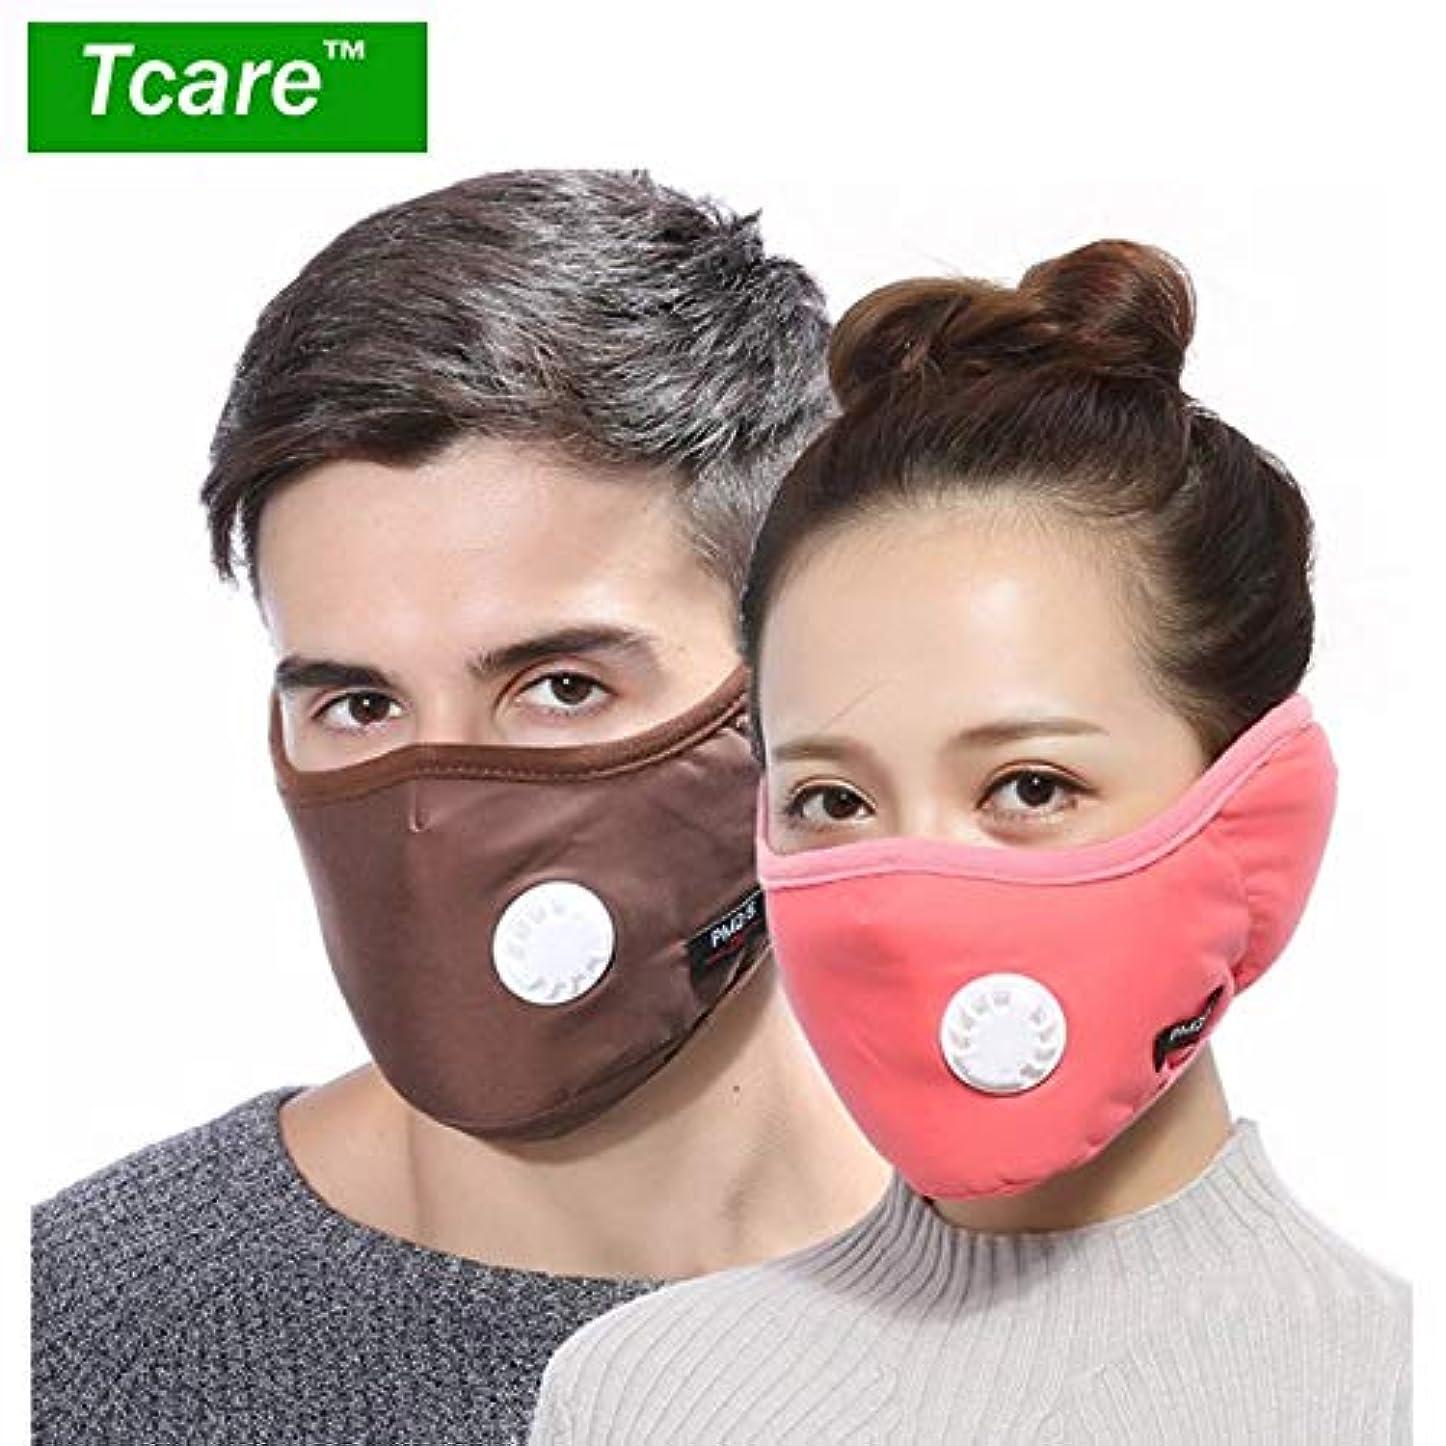 アリーナキッチン証明書8ダークピンク:1 PM2.5マスクバルブコットンアンチダスト口マスクの冬のイヤーマフActtedフィルター付マスクでTcare 2